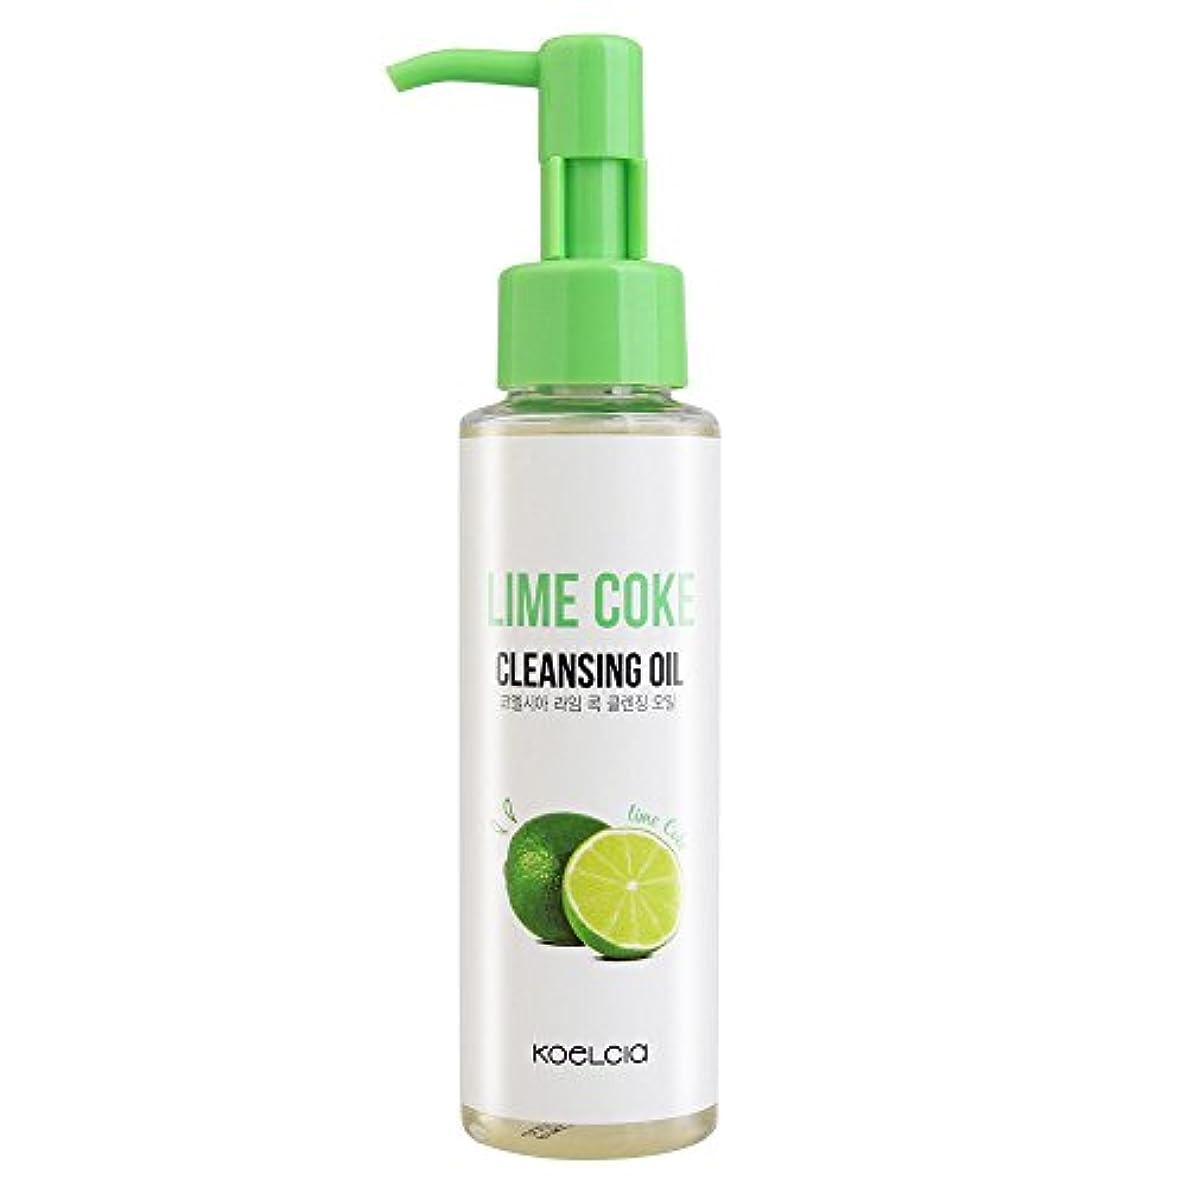 驚いたことにセッションシェアKOELCIA Lime Coke Cleansing Oil 100ml/コエルシア ライム コーク クレンジング オイル 100ml [並行輸入品]